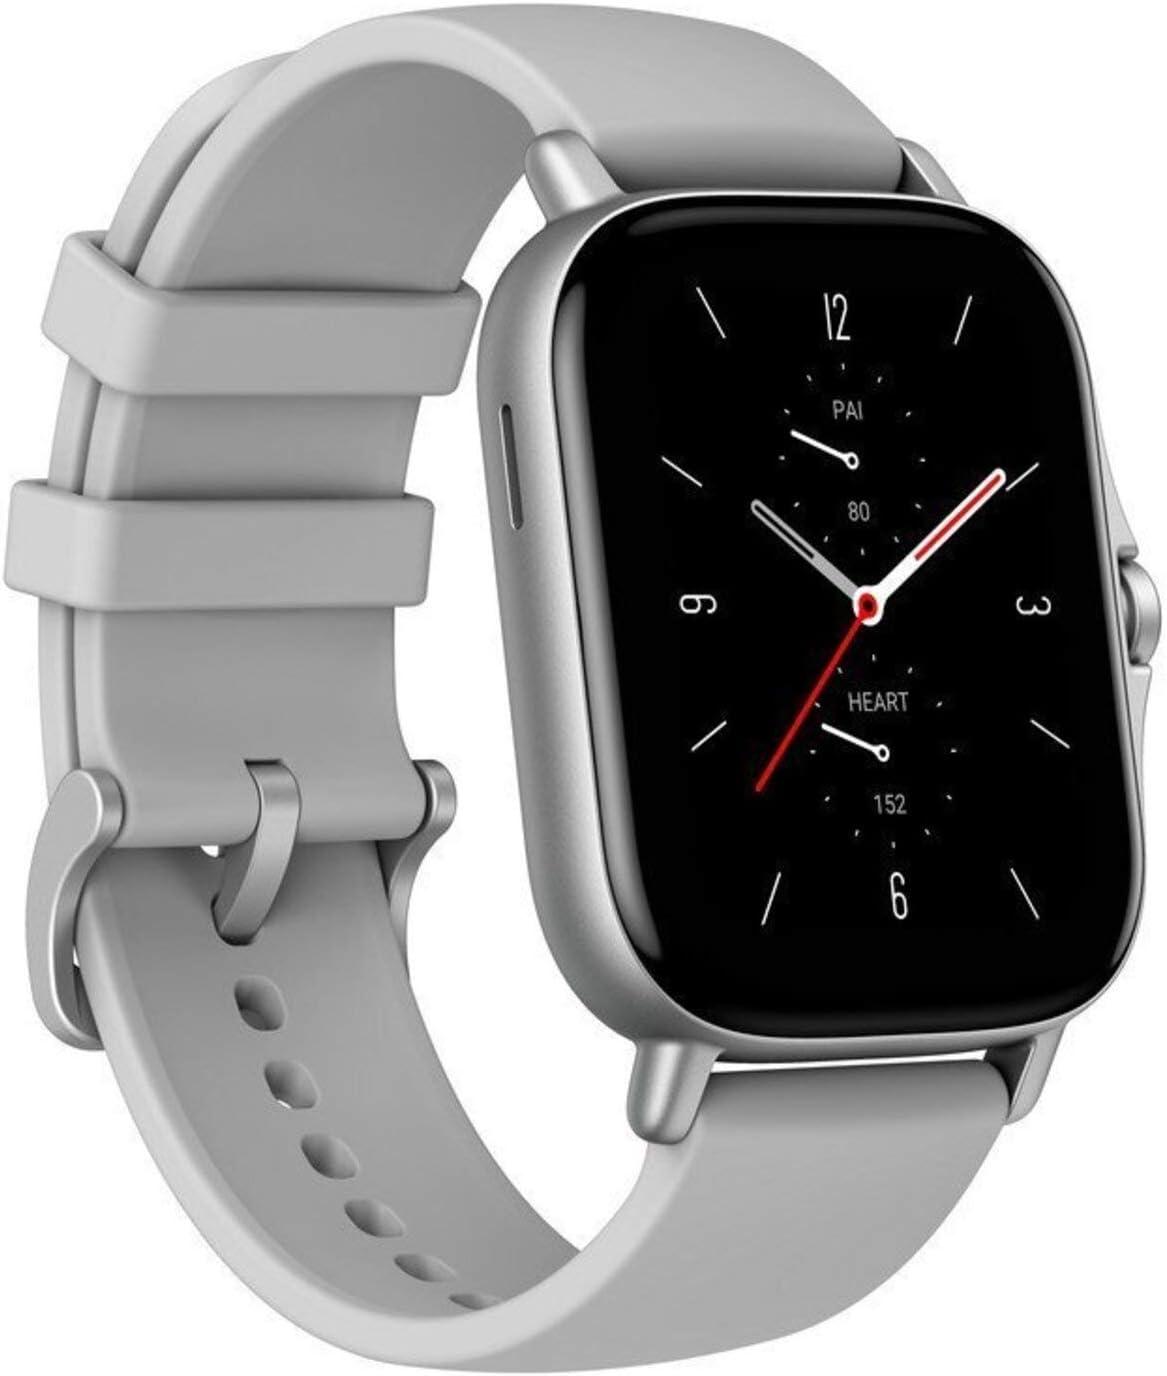 Amazfit GTS 2 Smartwatch Reloj Inteligente con Llamada bluetooth 90 Modos Deportivos Monitor de saturación de oxígeno Sangre y de Frecuencia Cardíaca Almacenamiento de música de 3 GB,Gris